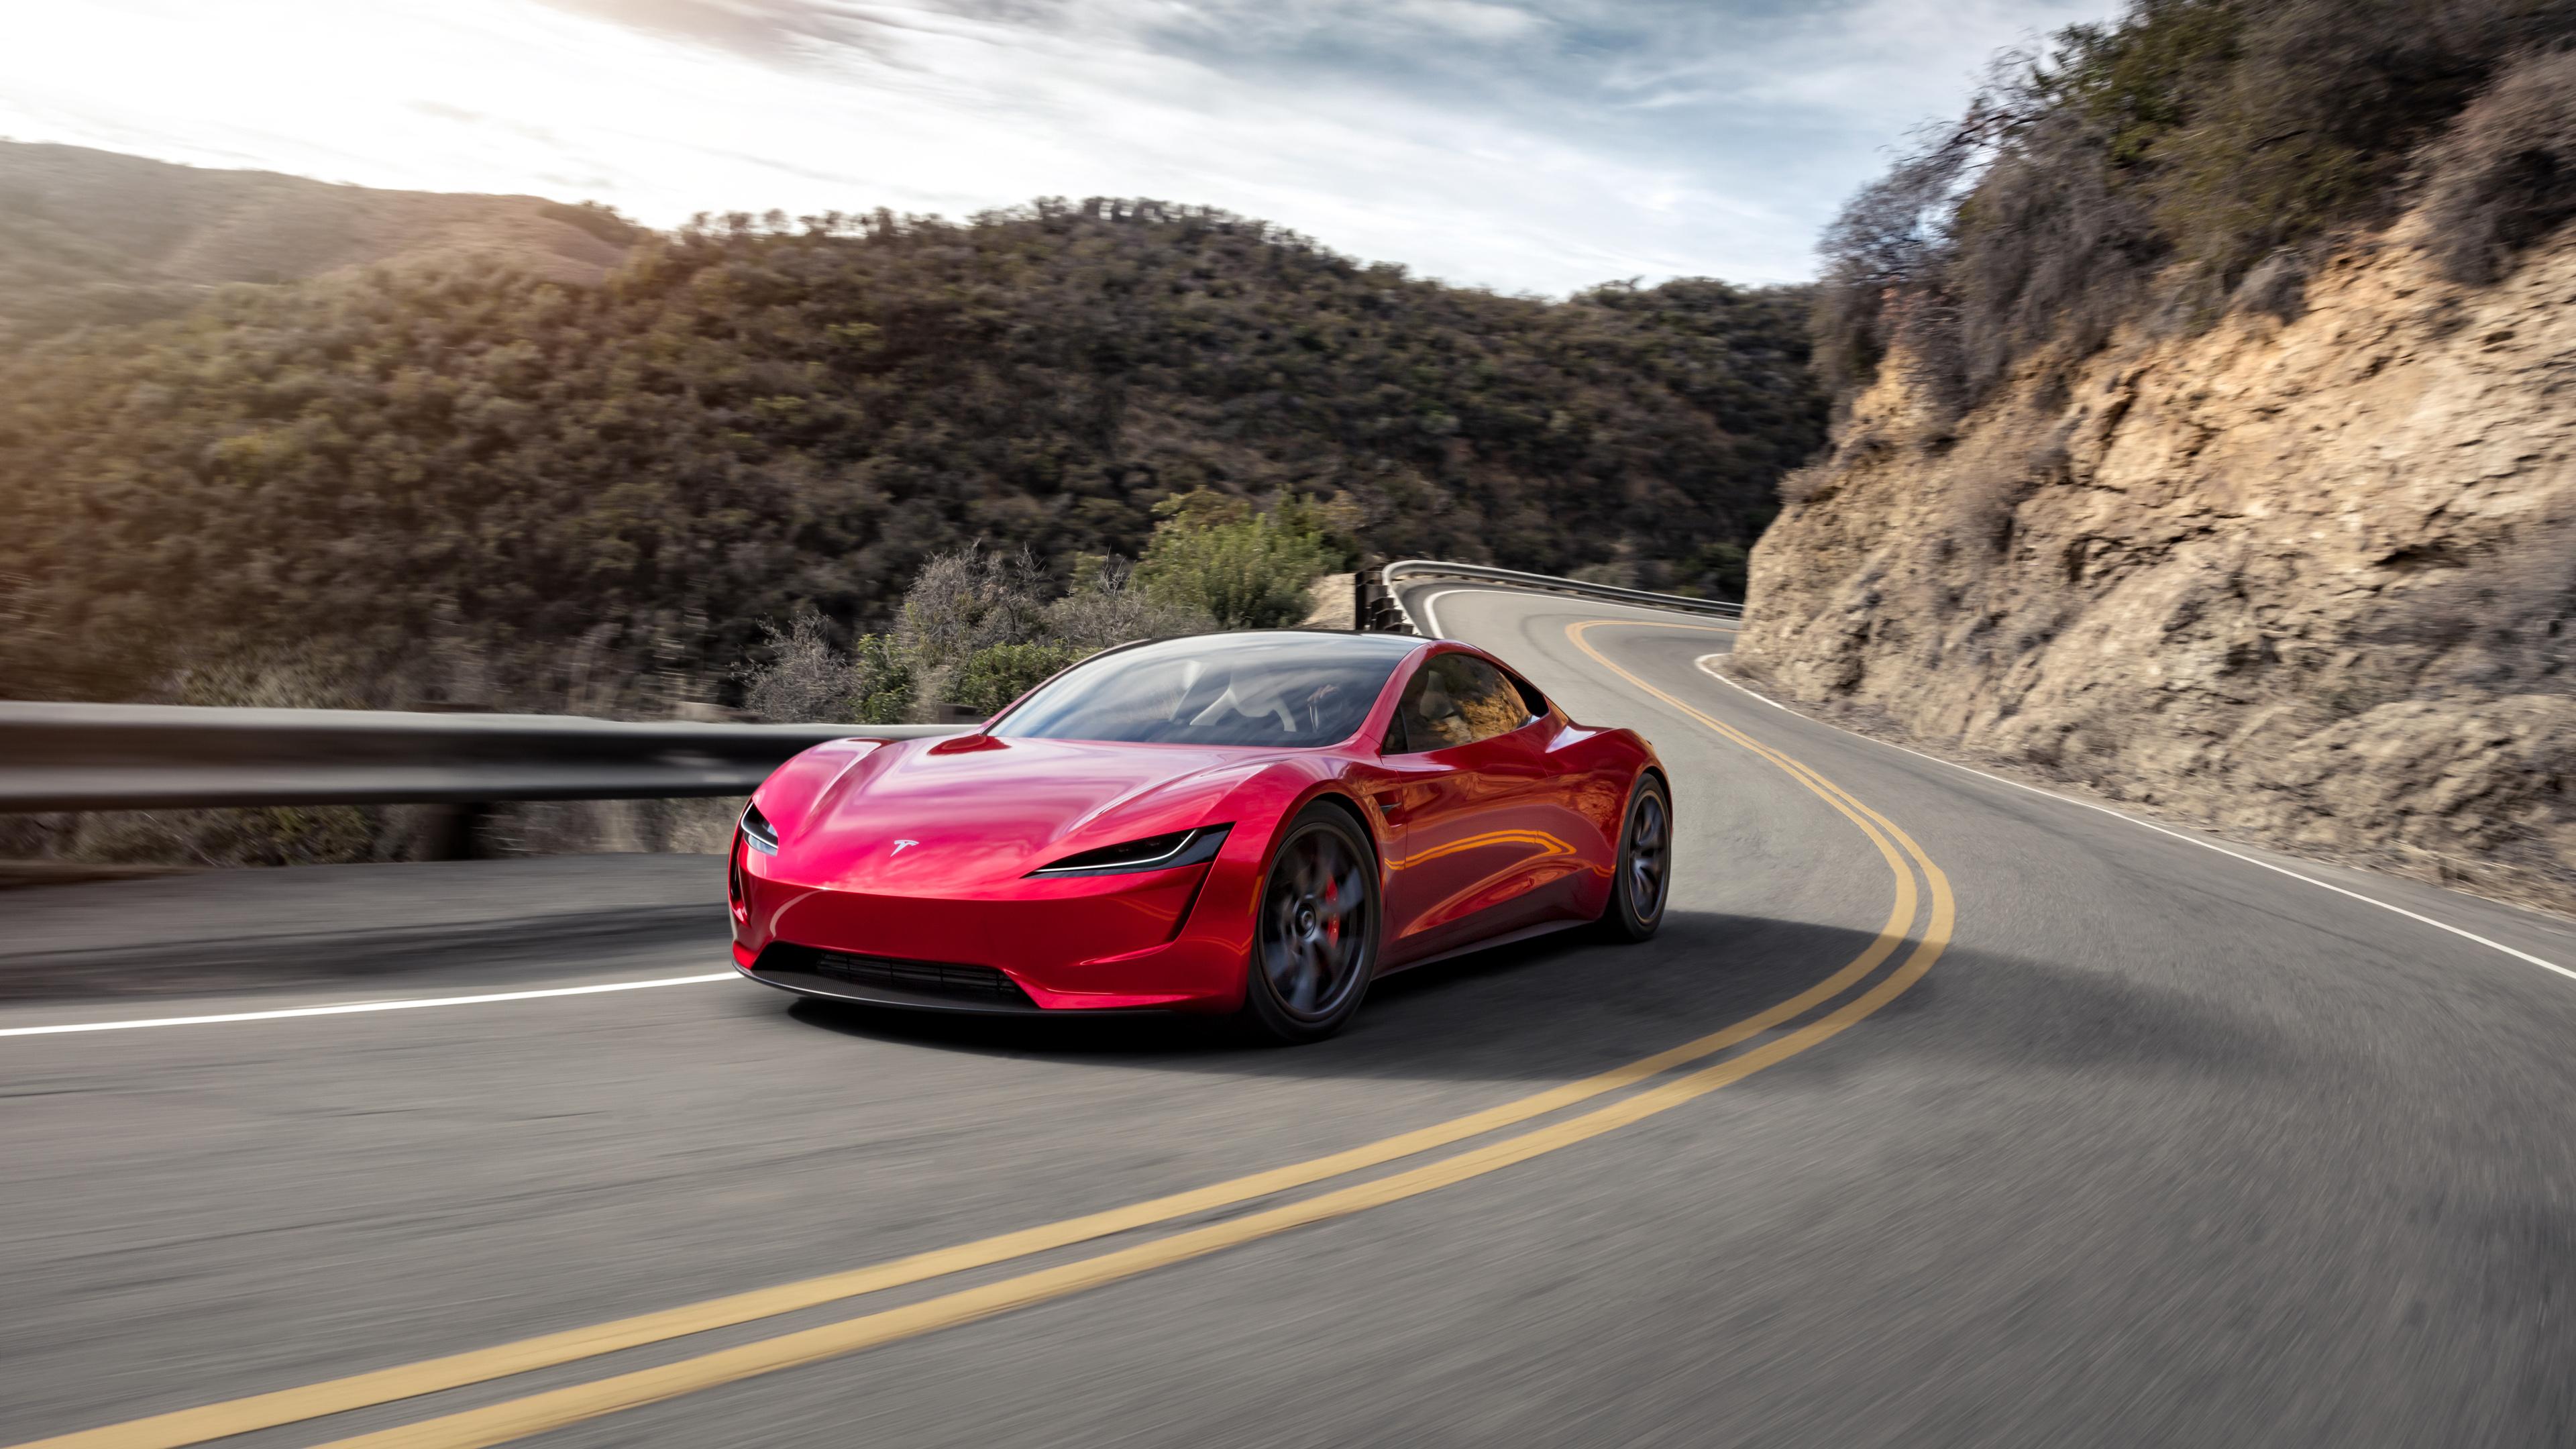 Tesla Roadster 4k Wallpaper Hd Car Wallpapers Id 11246